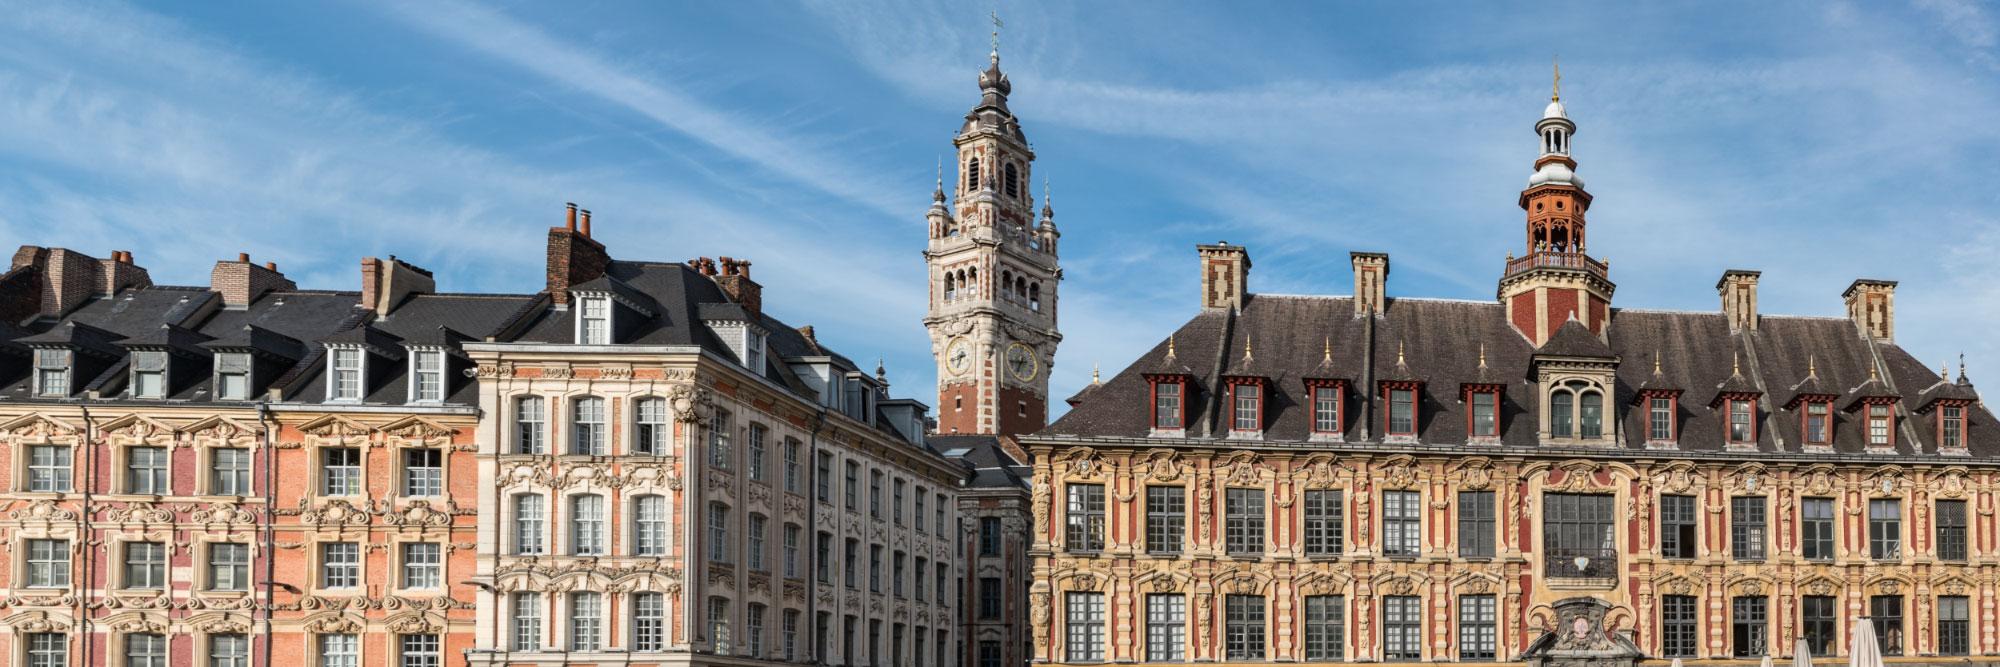 La Vieille Bourse et le Beffroi, Grand'Place de Lille